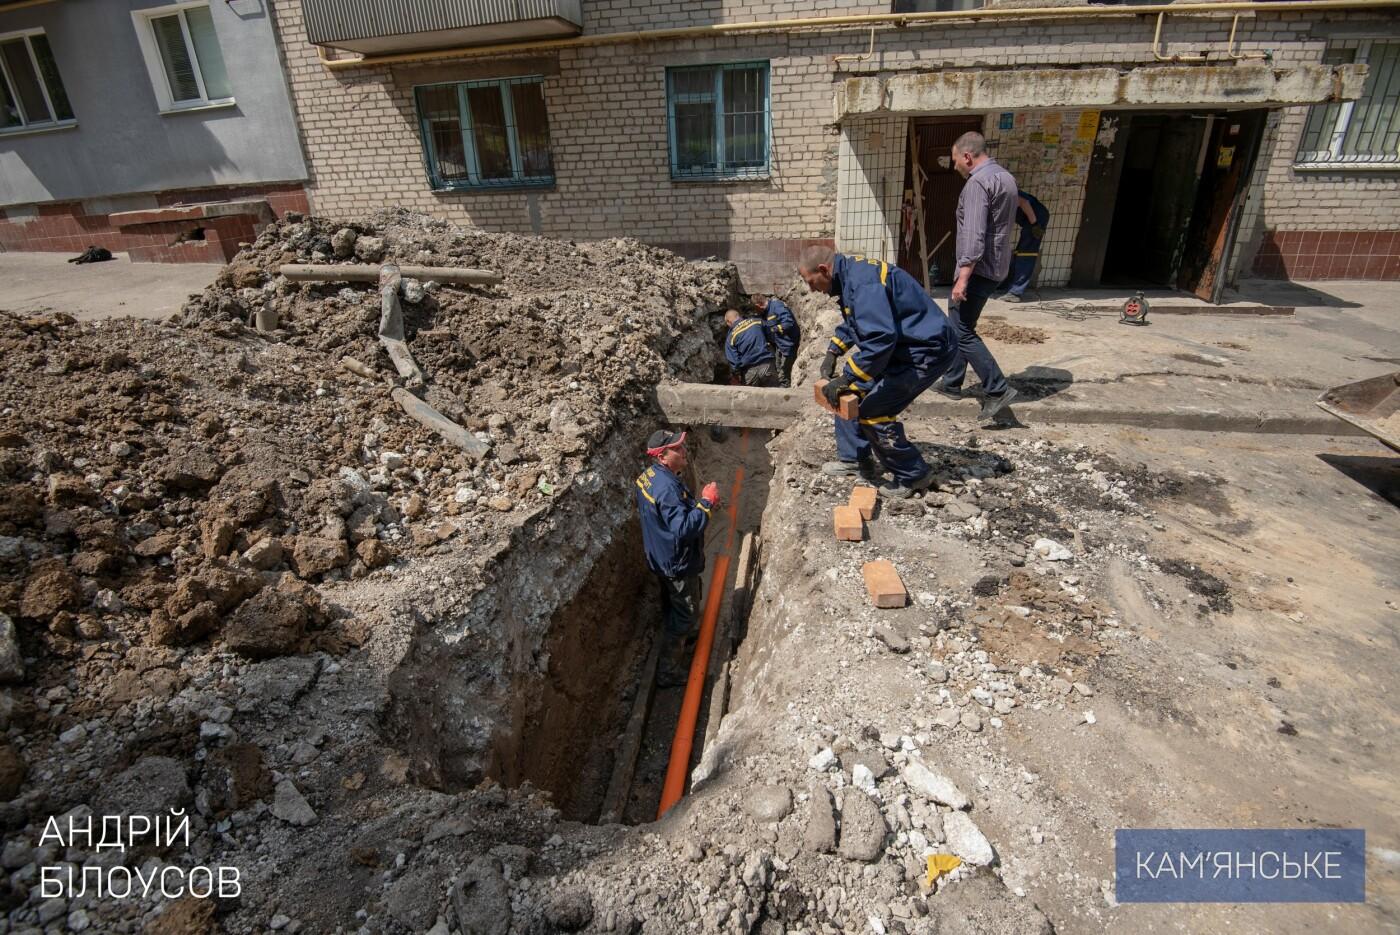 КП «Добробут» приводит в порядок жилой фонд Каменского, фото-2